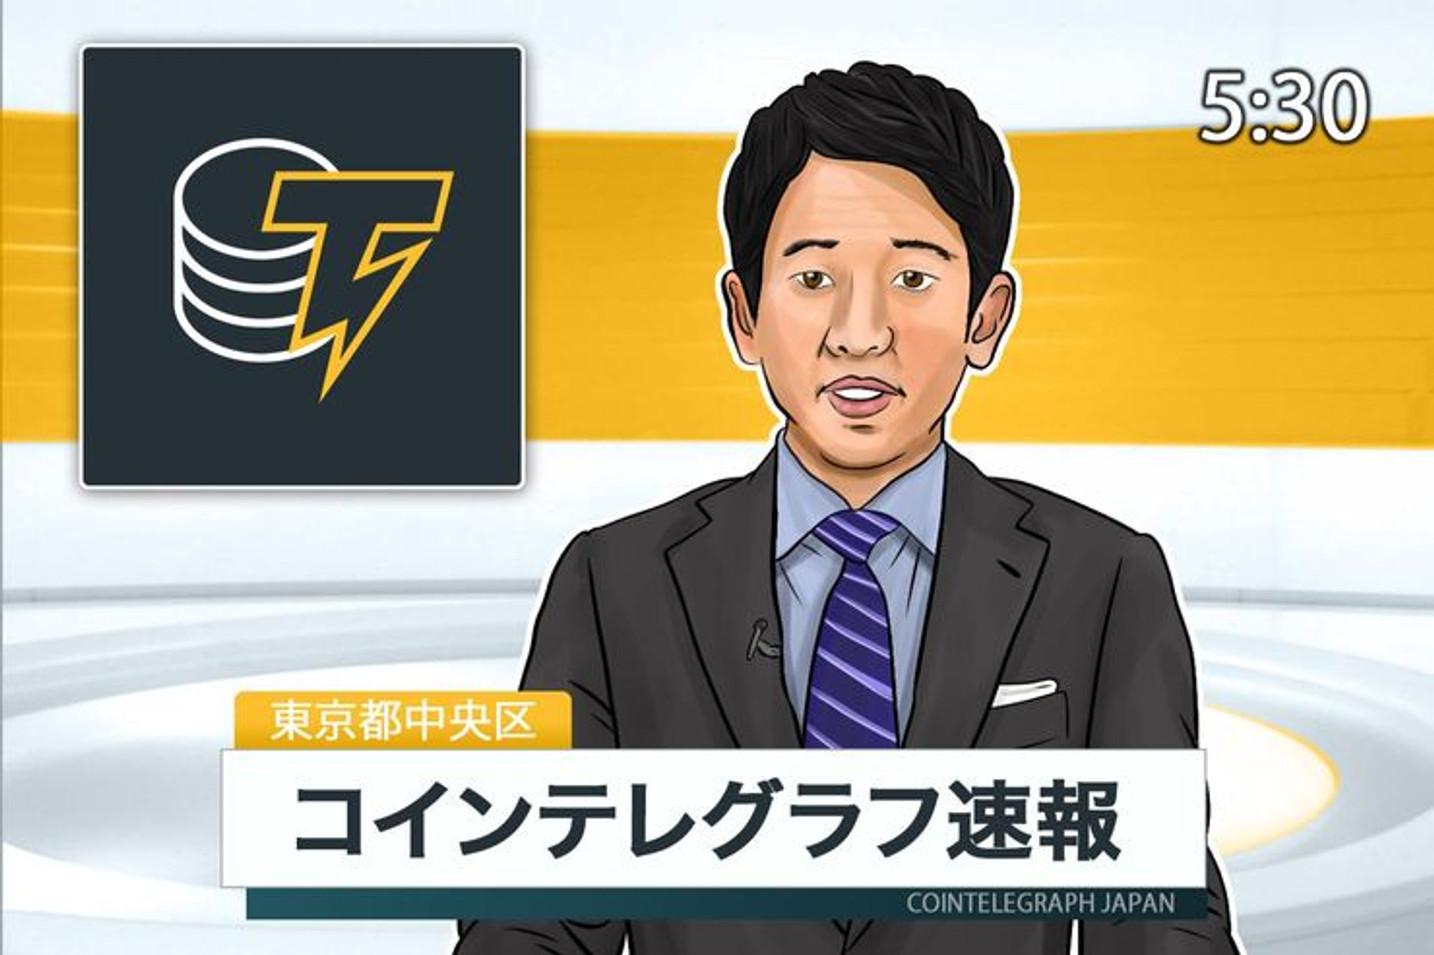 新天皇陛下「ビットコインについてご存知」ビットフライヤー共同創業者 加納氏明かす